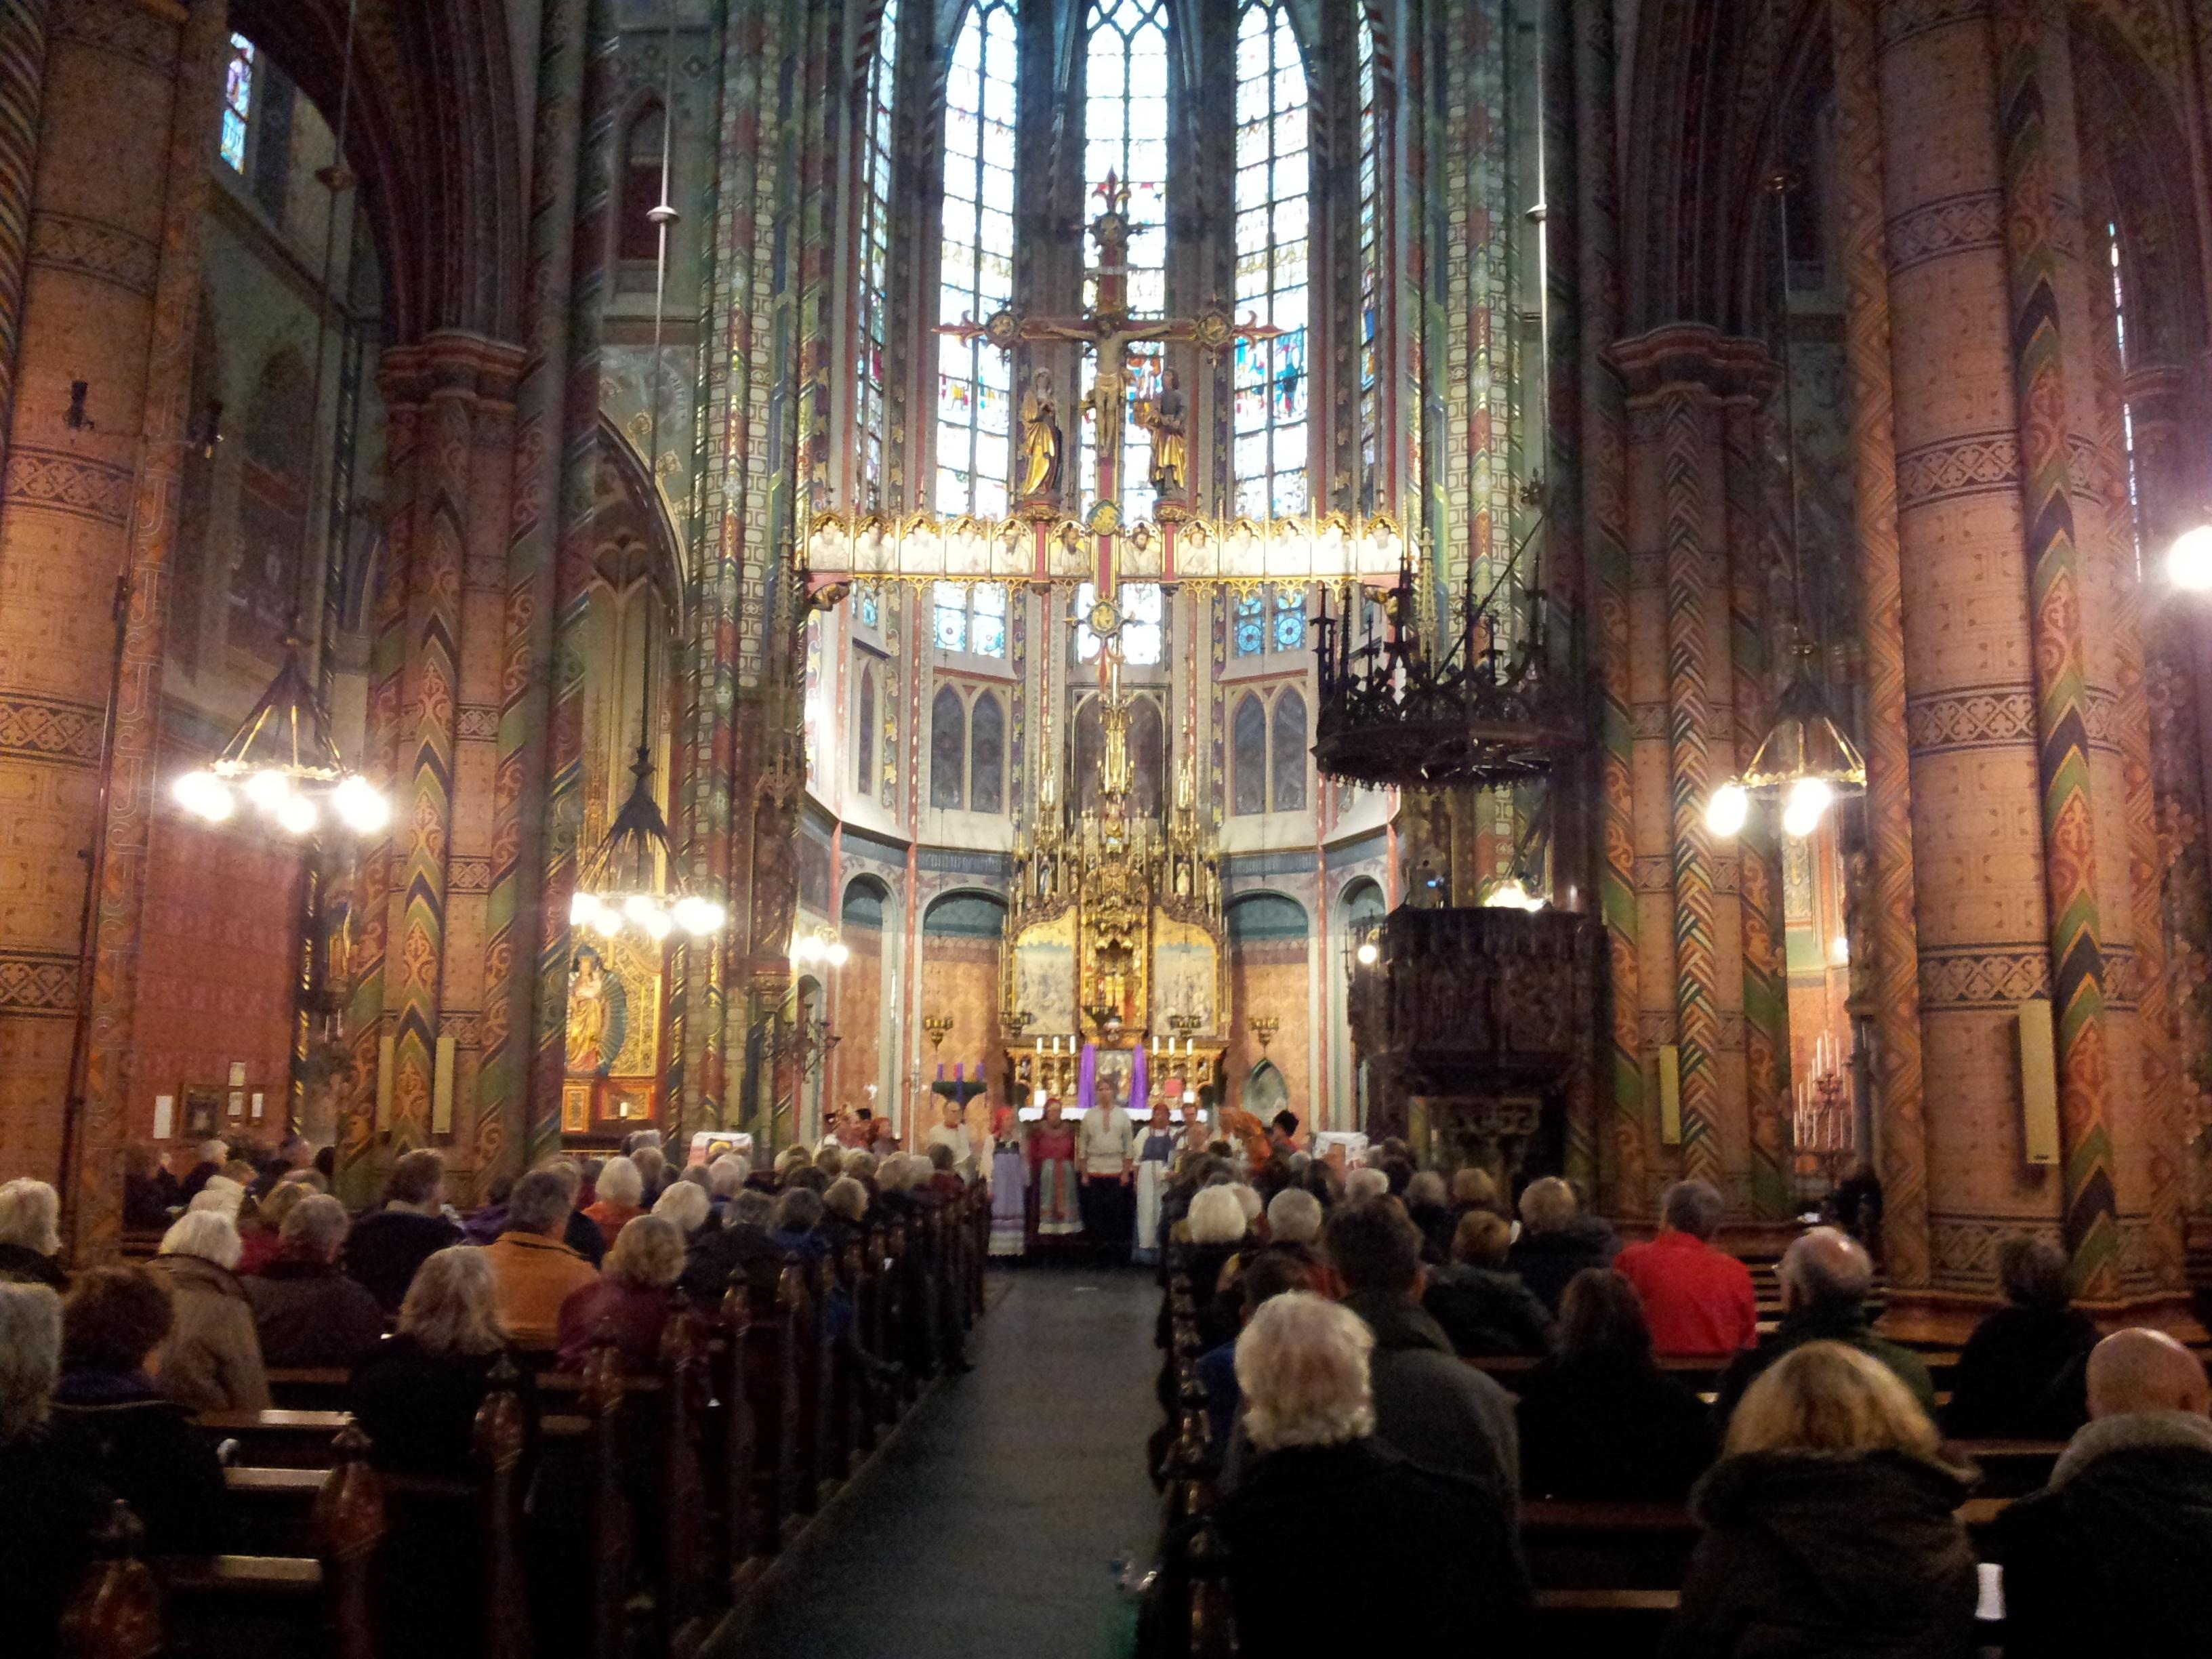 Russisch Kerstconcert in Utrecht 09.12.12 door Zarjanka. Foto: J. Raspopova